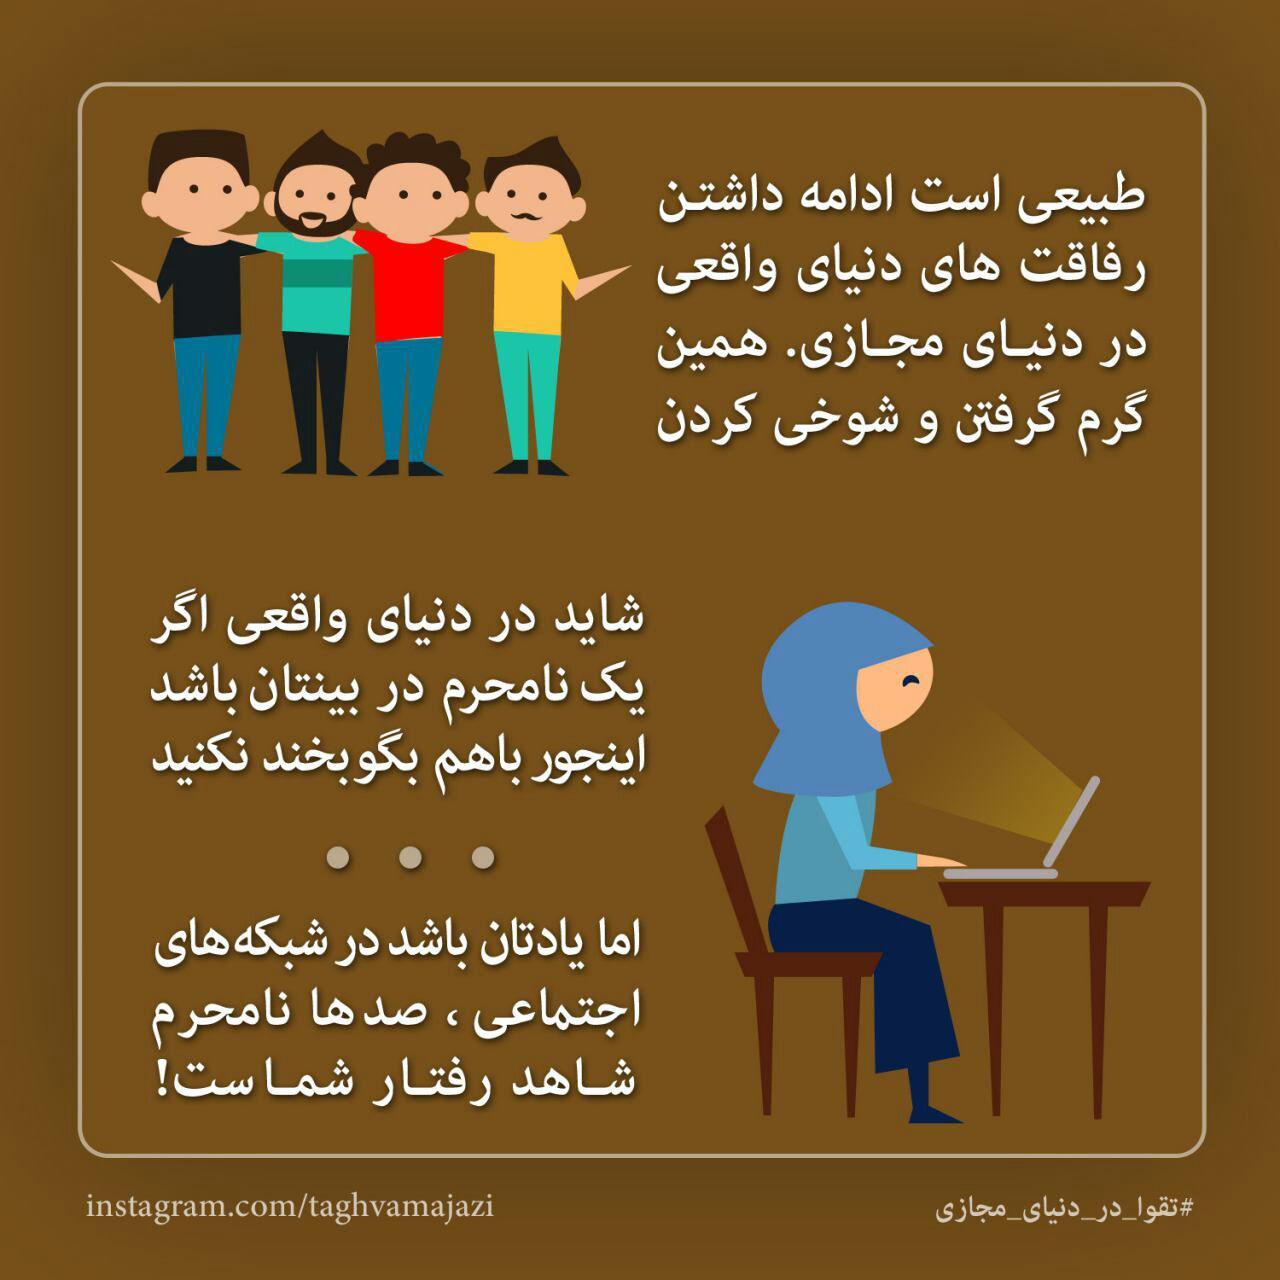 ايران در شبكه هاي اجتماعي فرهنگ سازي مي كند/////////